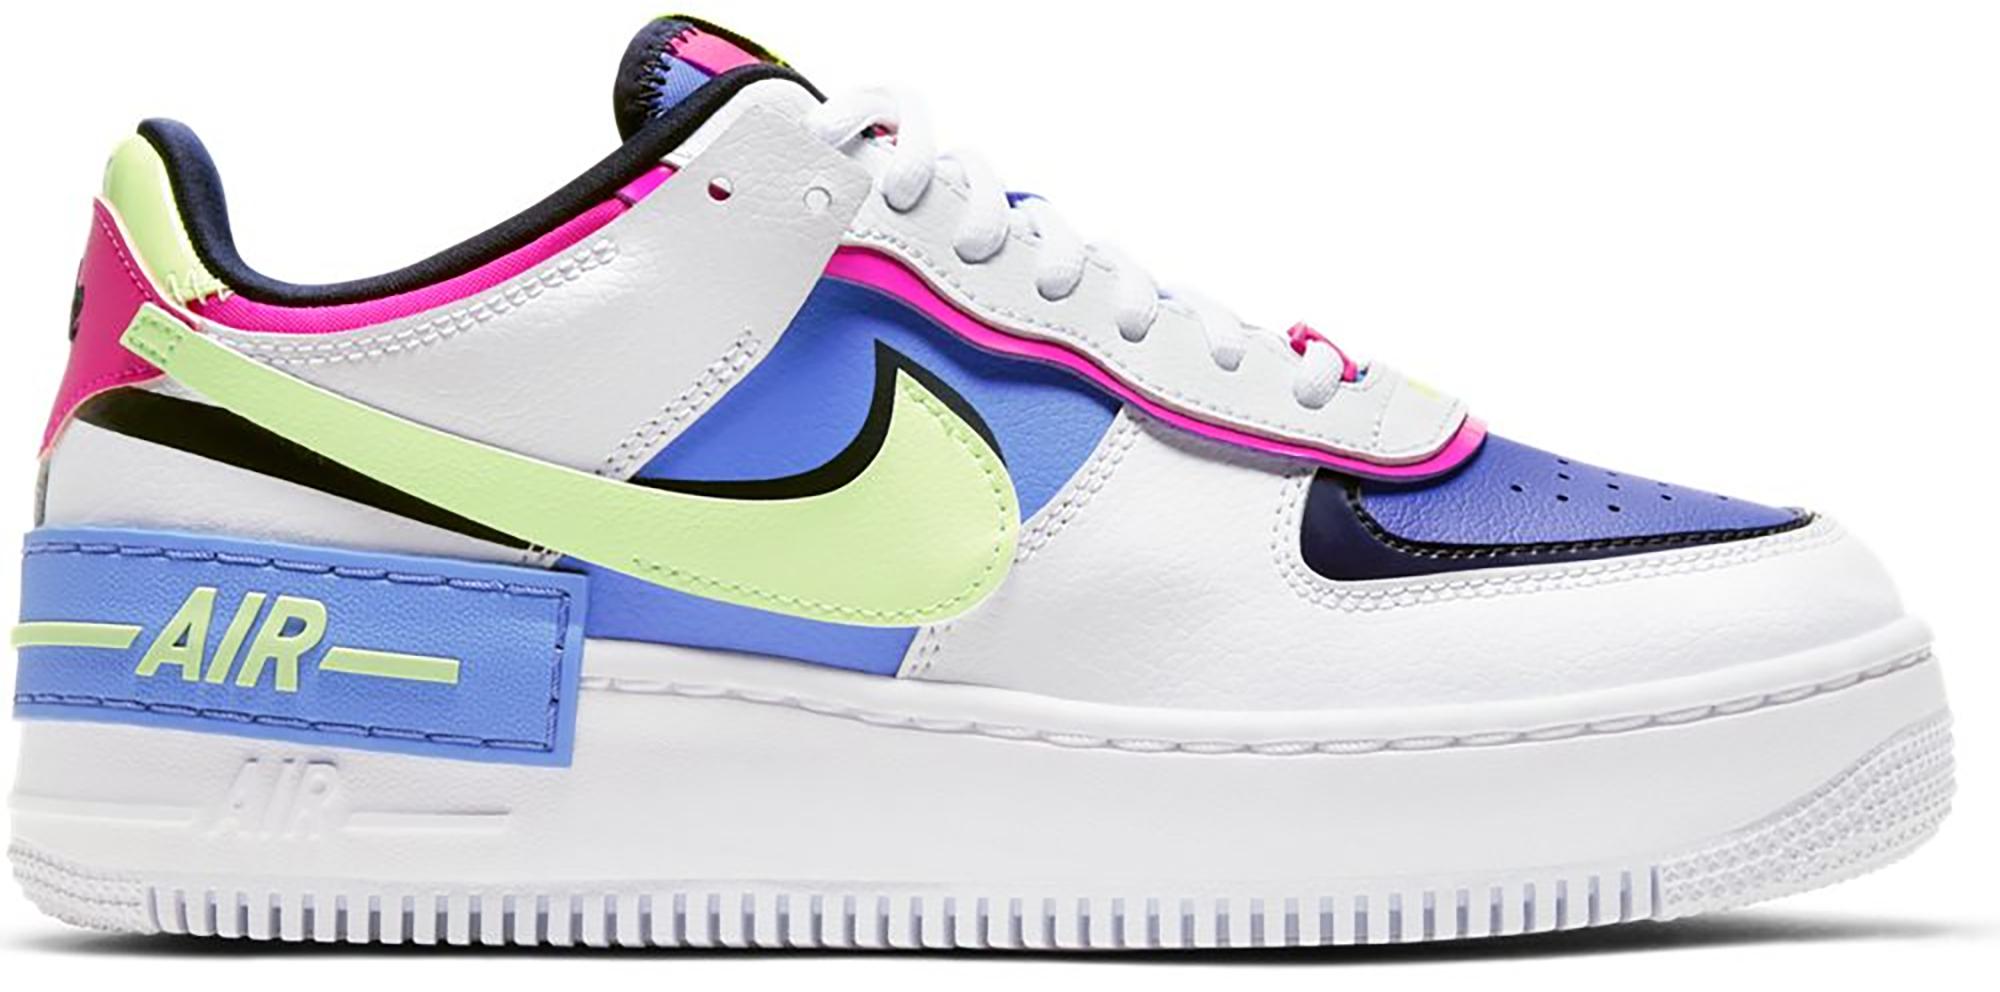 Nike Air Force 1 Shadow White Sapphire